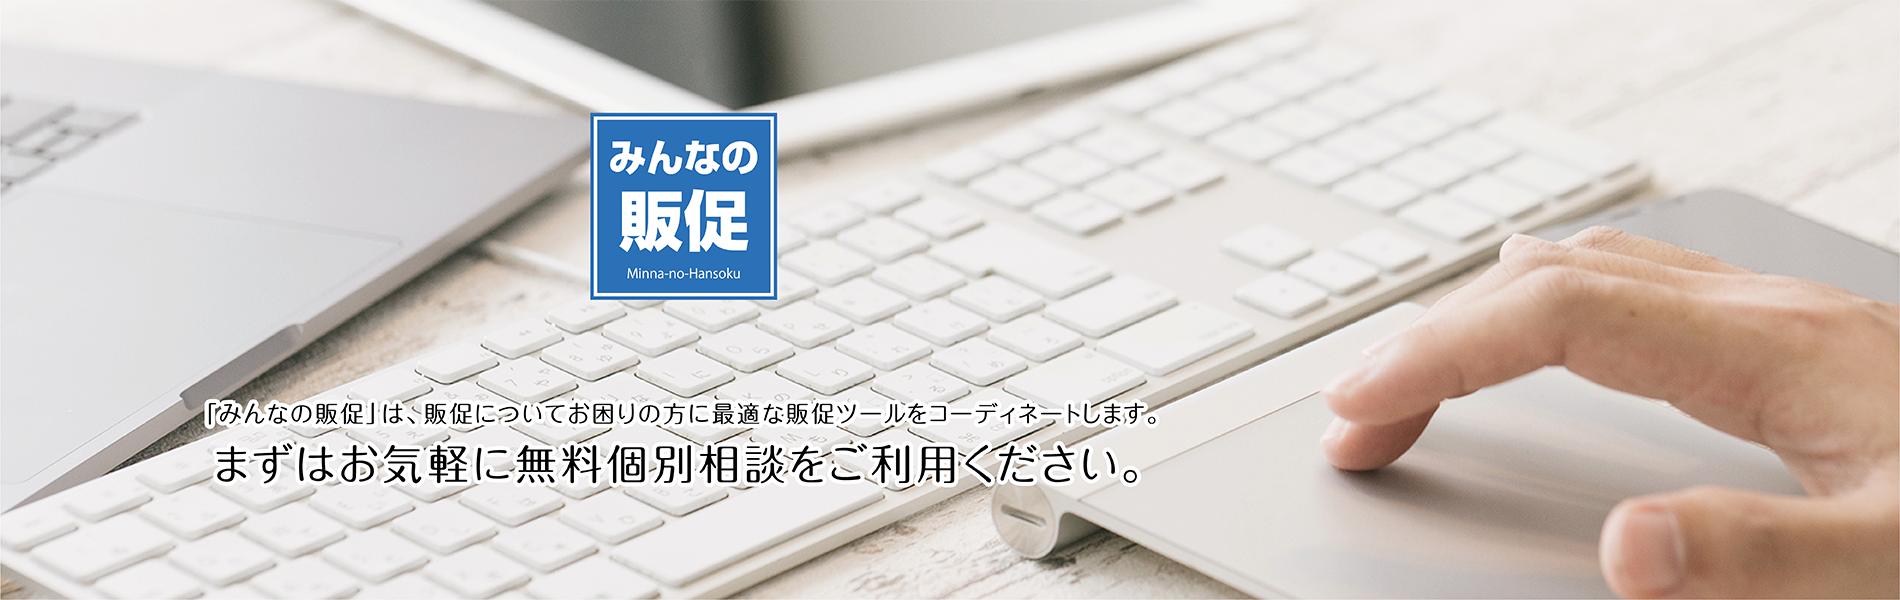 ホームページ制作,スタートアップ,5ページ,マルチデバイス,更新性,拡張性,